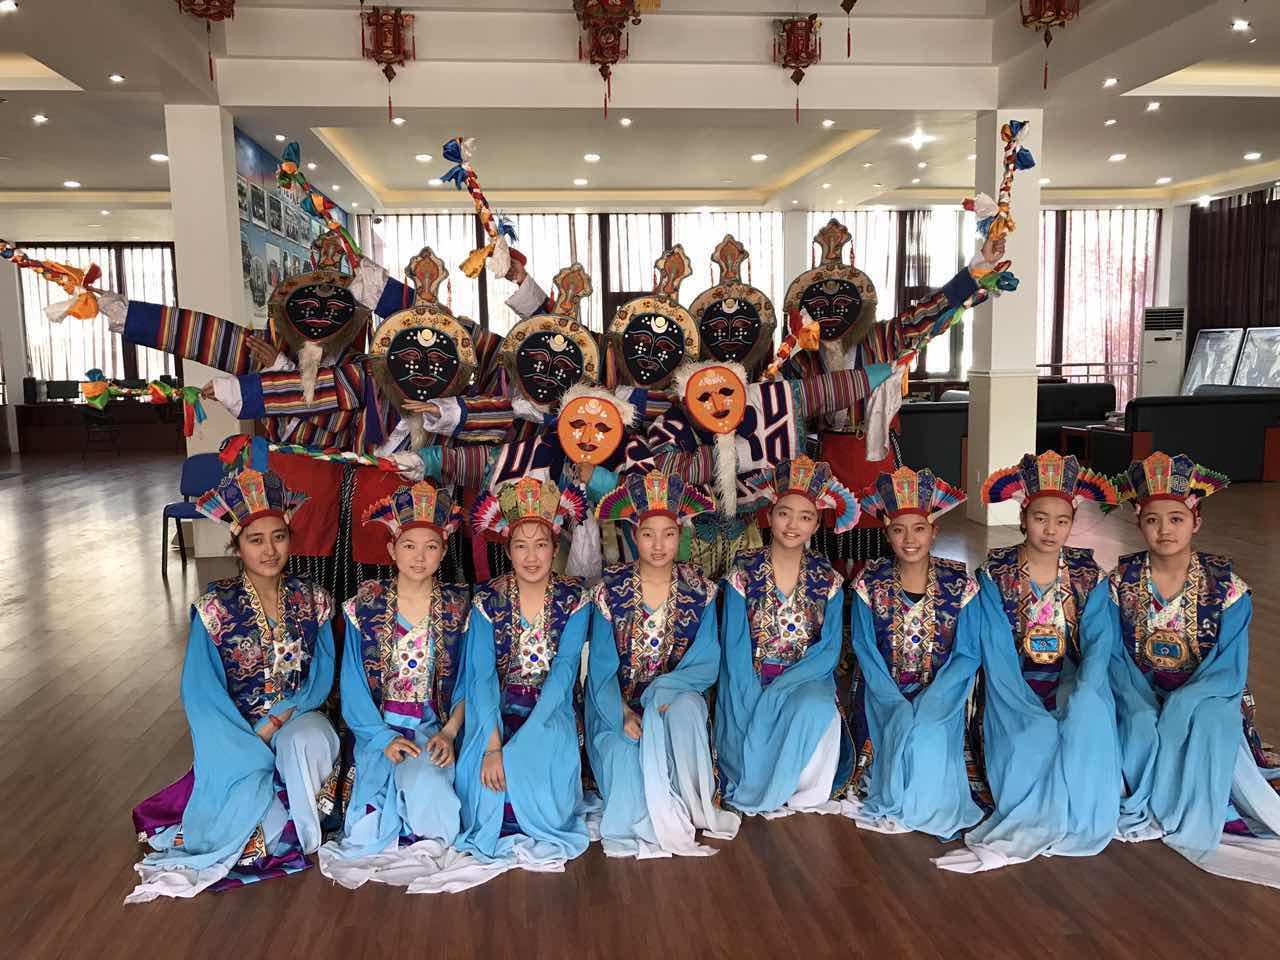 高中部藏戏舞蹈《普天同庆》获得三等奖.jpg